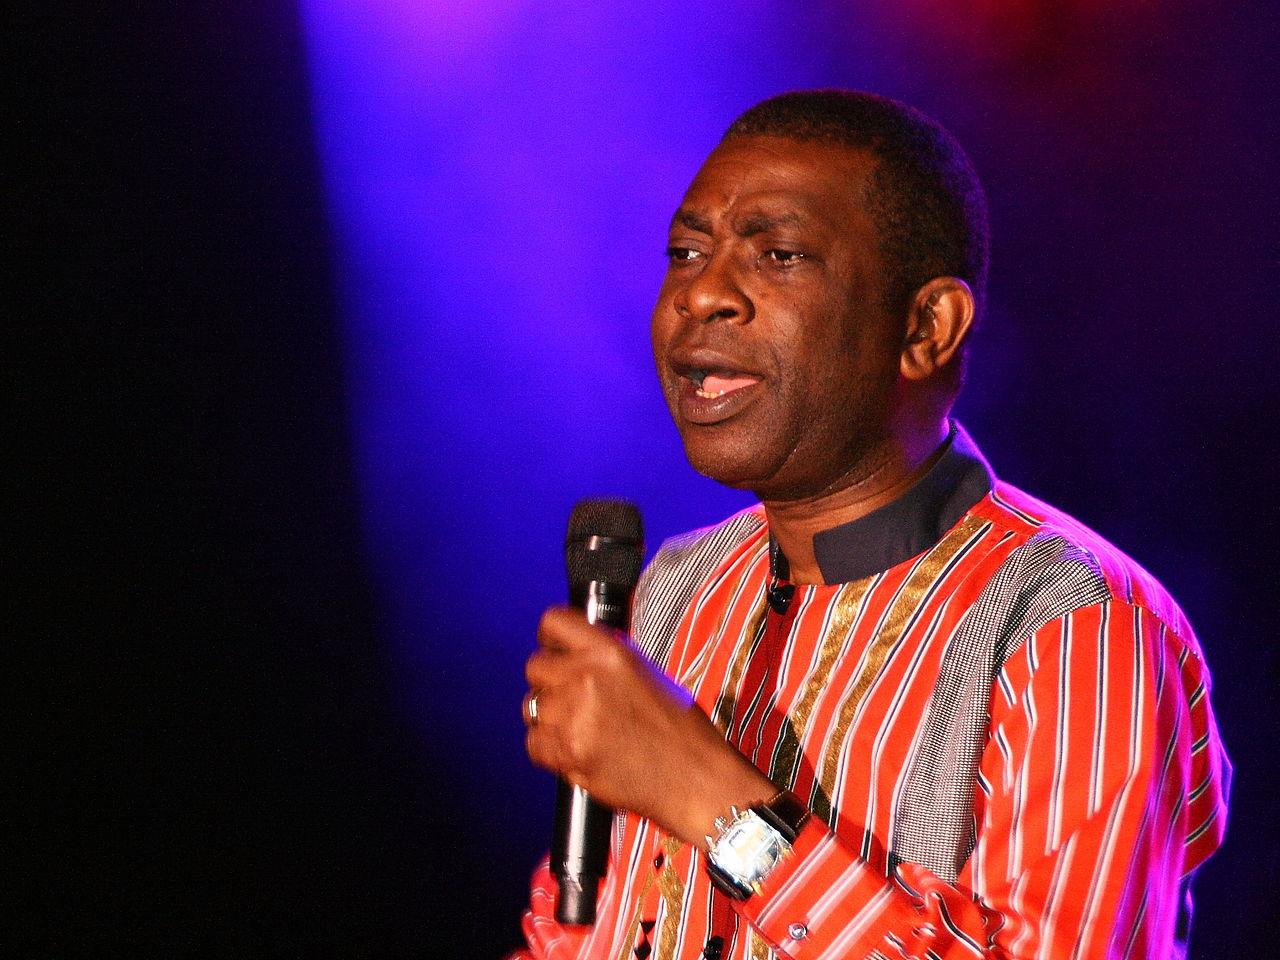 Youssou N'Dour sur scène (photo Schorle CC)